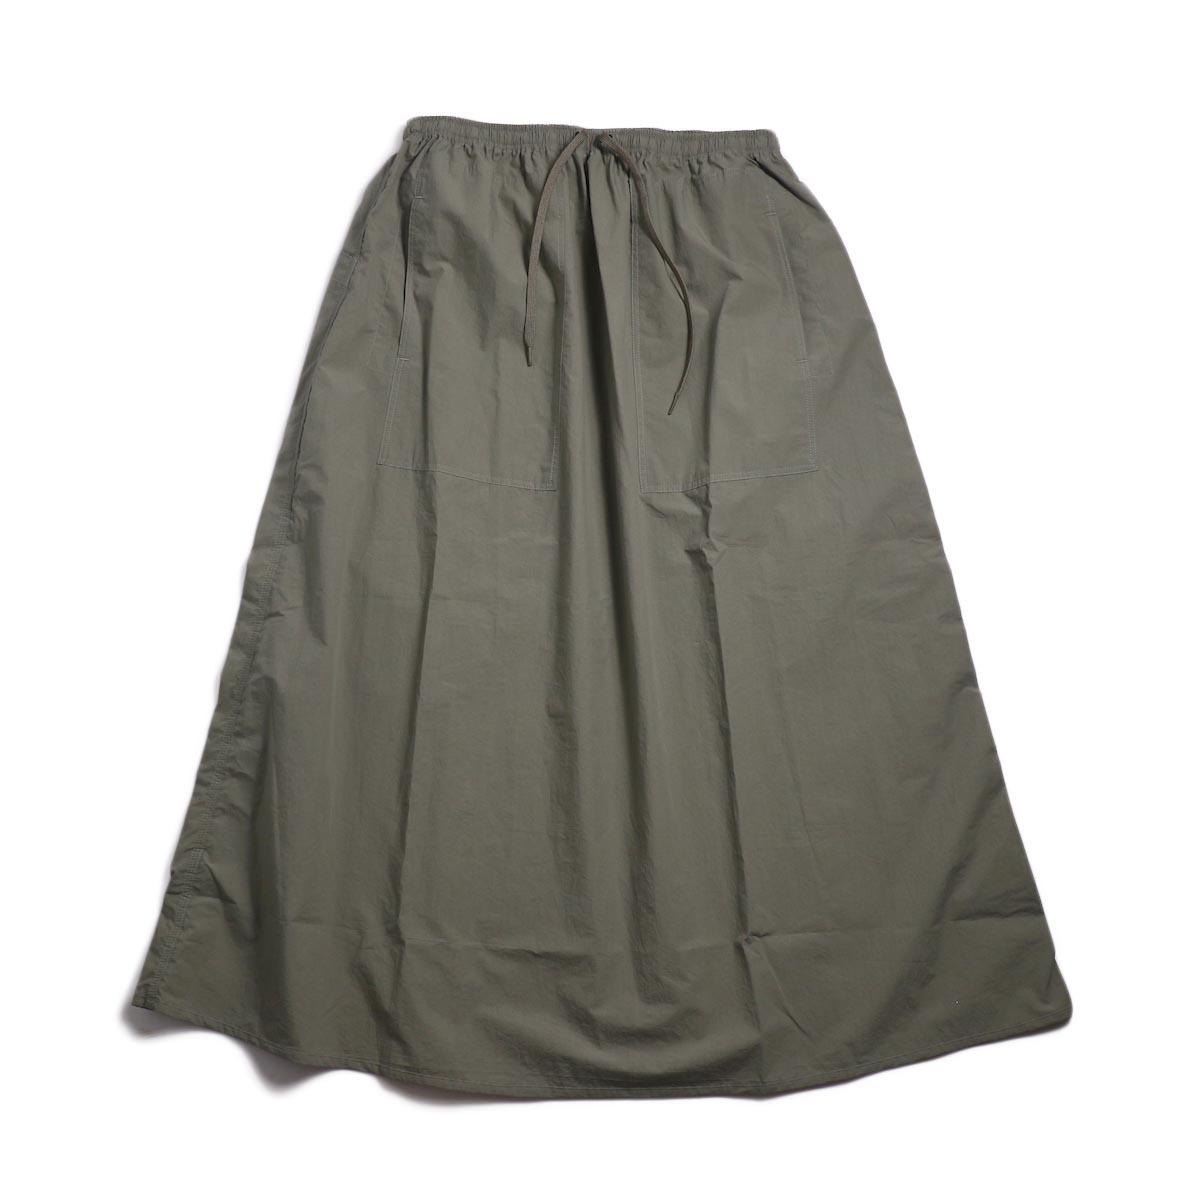 orSlow / Climbing Skirt -Greige